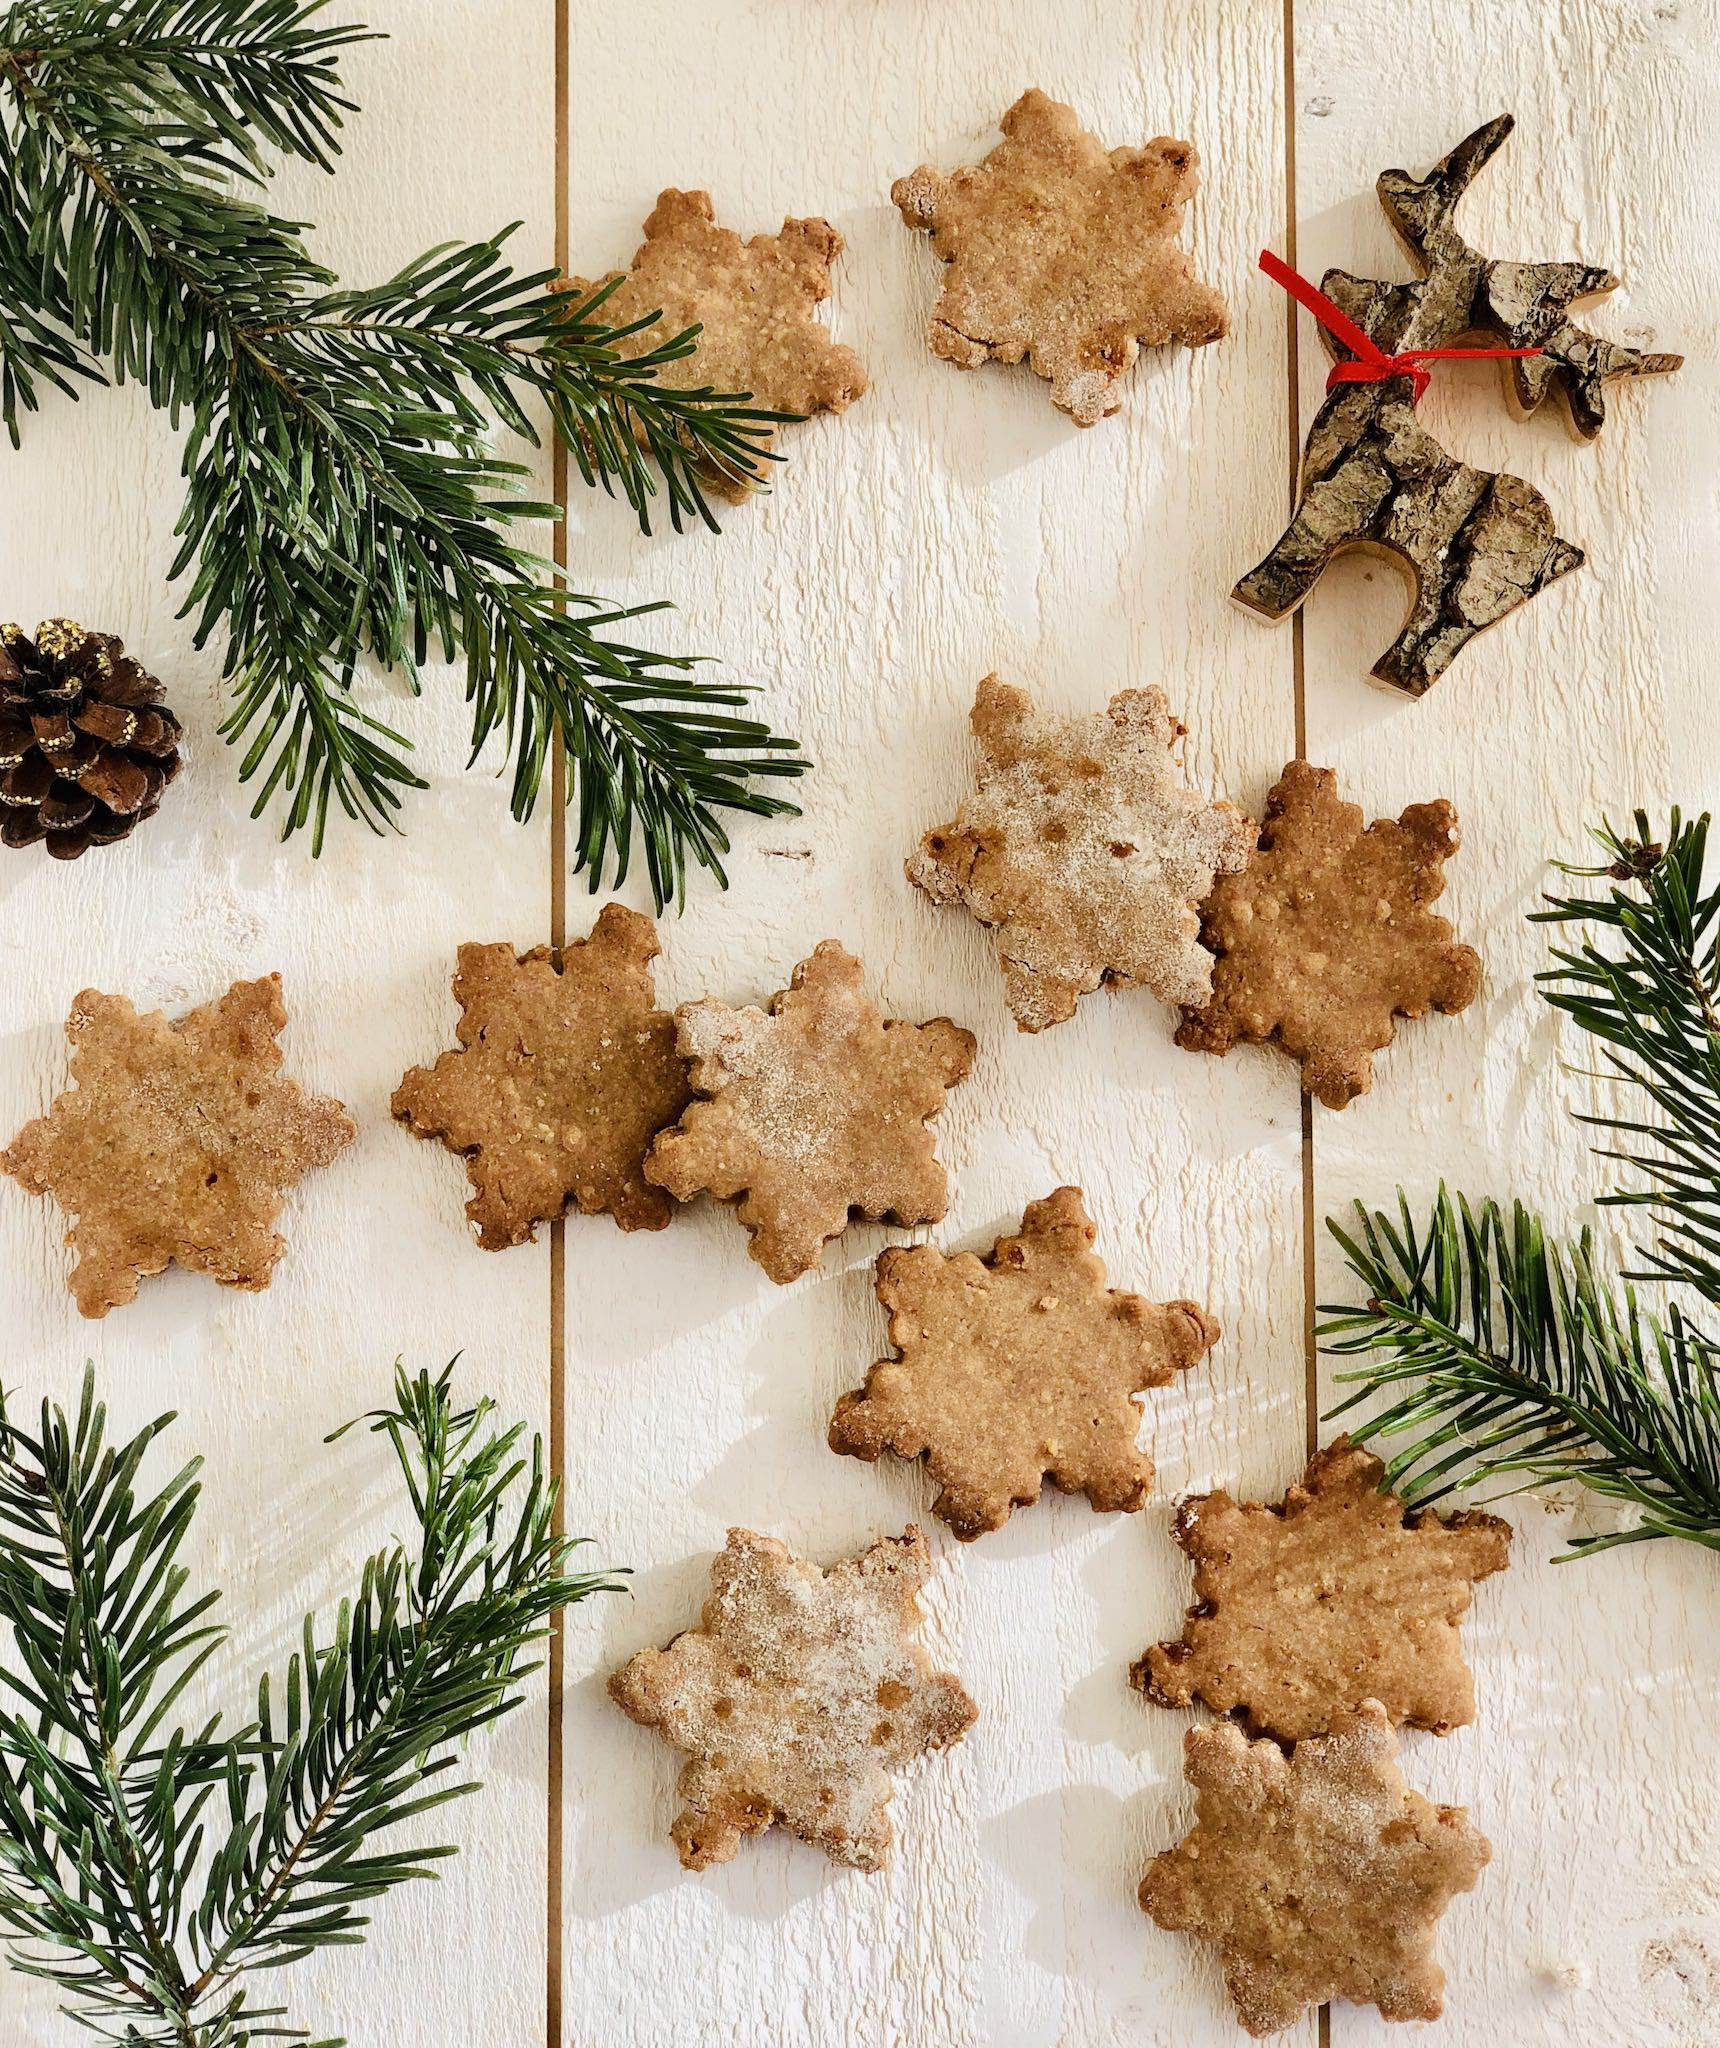 recette bio biscuits au gingembre vegan sans gluten